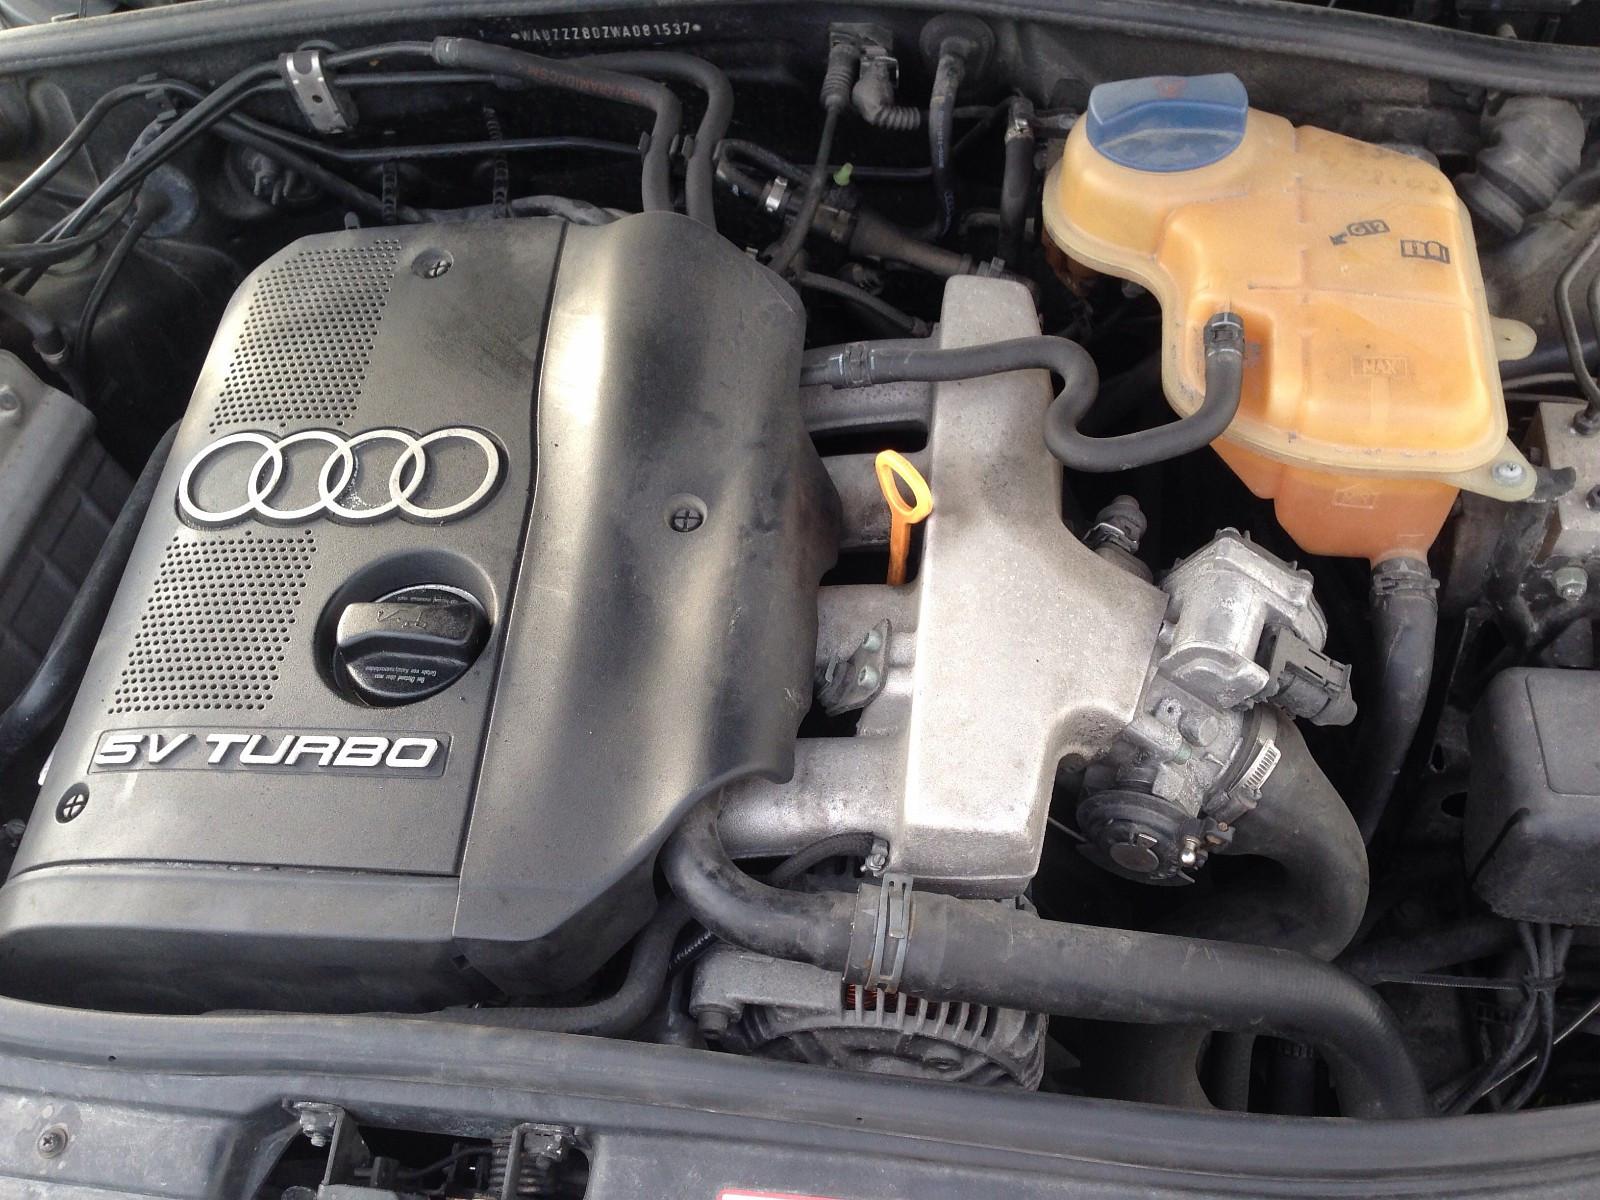 Audi A4 B5 1.8T, 1.9TDI, 1.6 Deler ! - Sandefjord  - Audi A4 B5 1.8T, 1.9TDI, 1.6 Deler !   Har mye deler til Audi A4 B5 !  1.9TDI og 1.8T motor er solgt. 1.6 motor selger i deler !   Girkasse fra 1.6 med girkasse kode er DHE (Manuell)  - Sandefjord